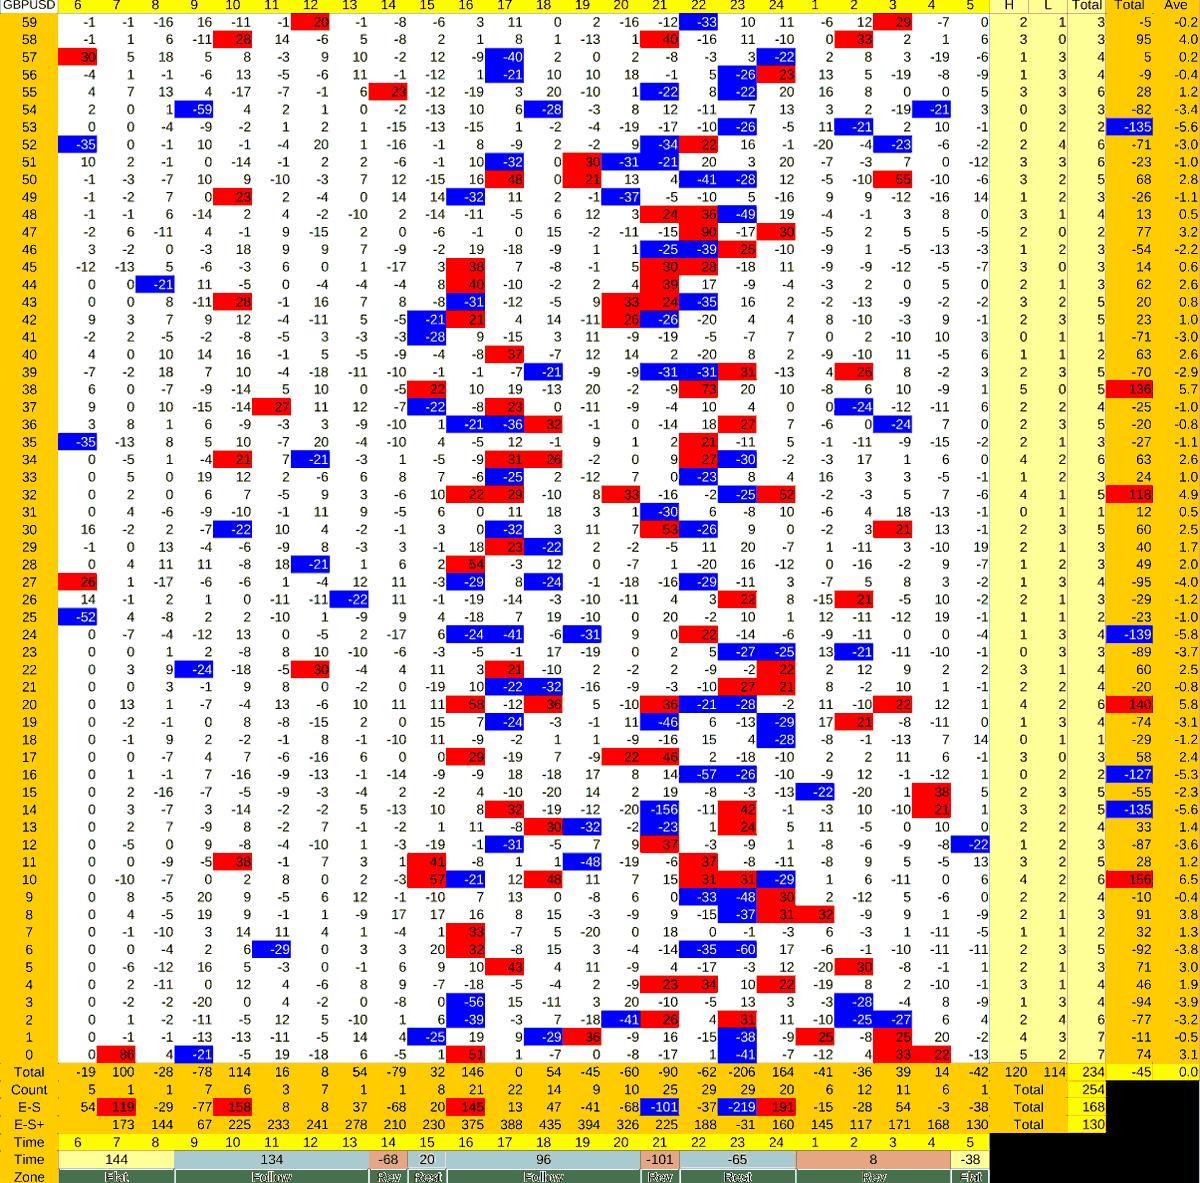 20210921_HS(2)GBPUSD-min